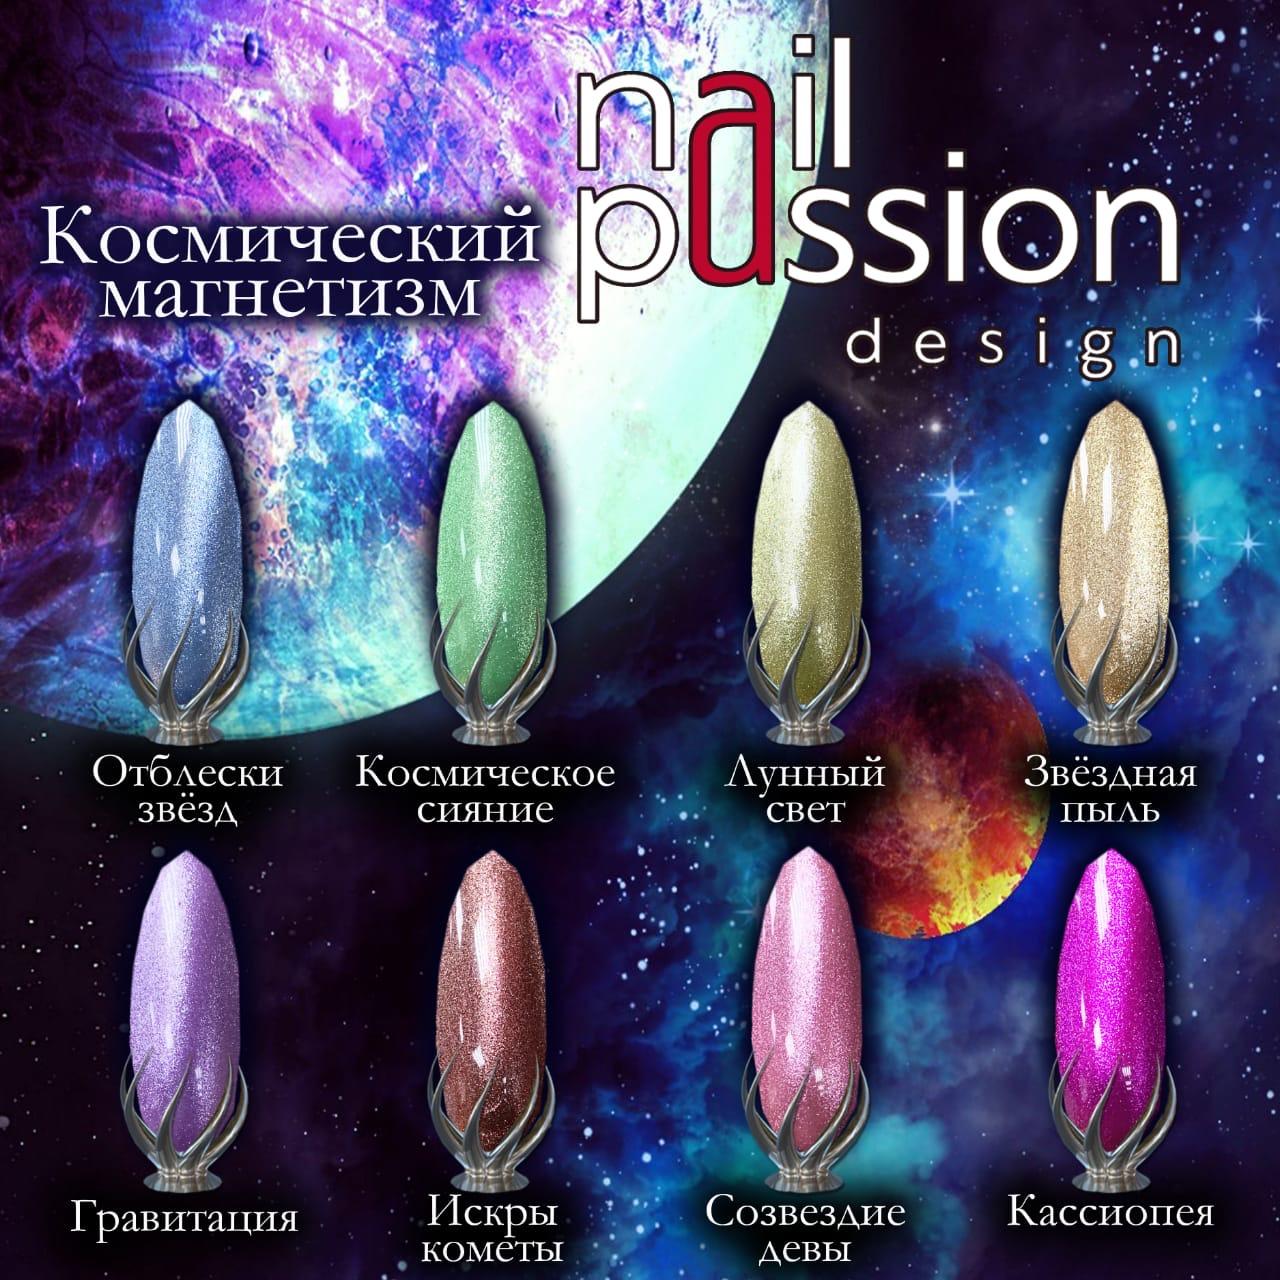 Коллекция Космический магнетизм